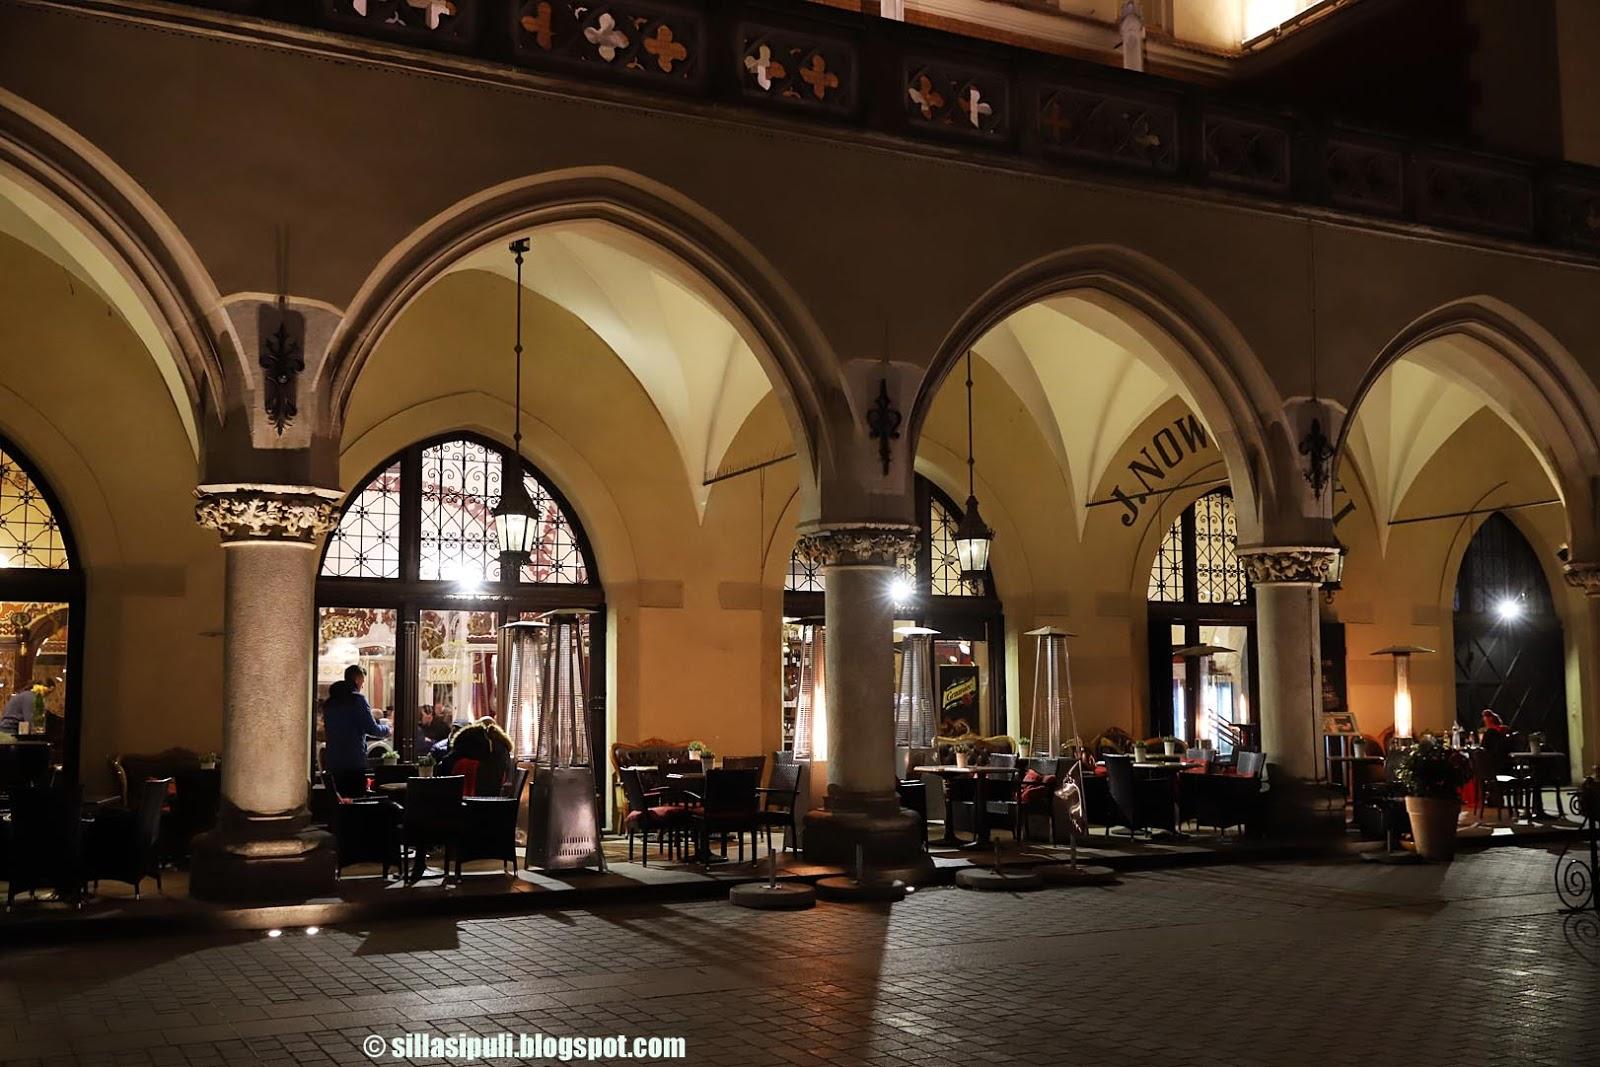 SILLÄ SIPULI: Krakovan ravintolasuositukset